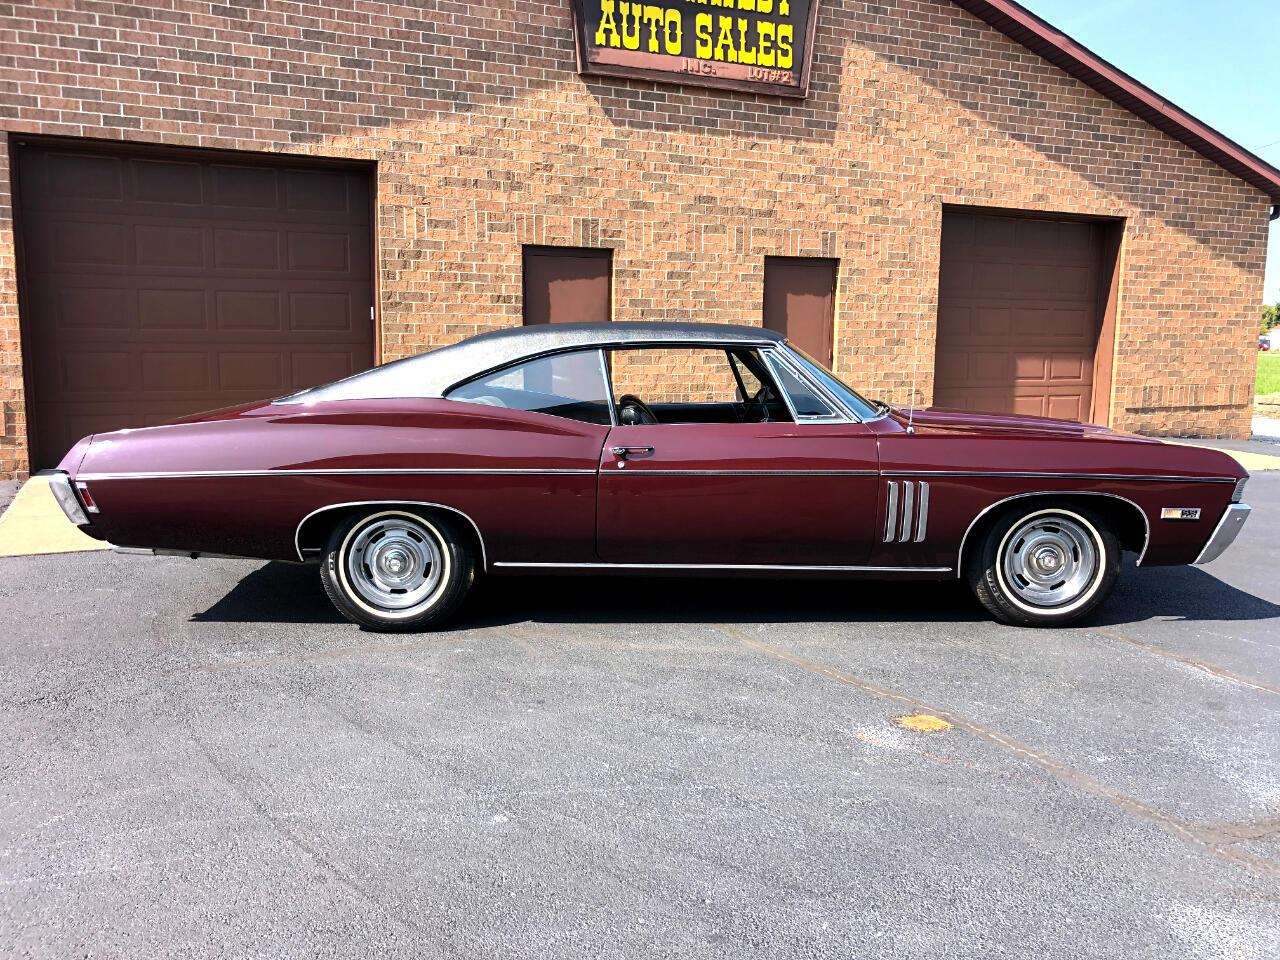 1968 Chevrolet Impala (CC-1412818) for sale in North Canton, Ohio